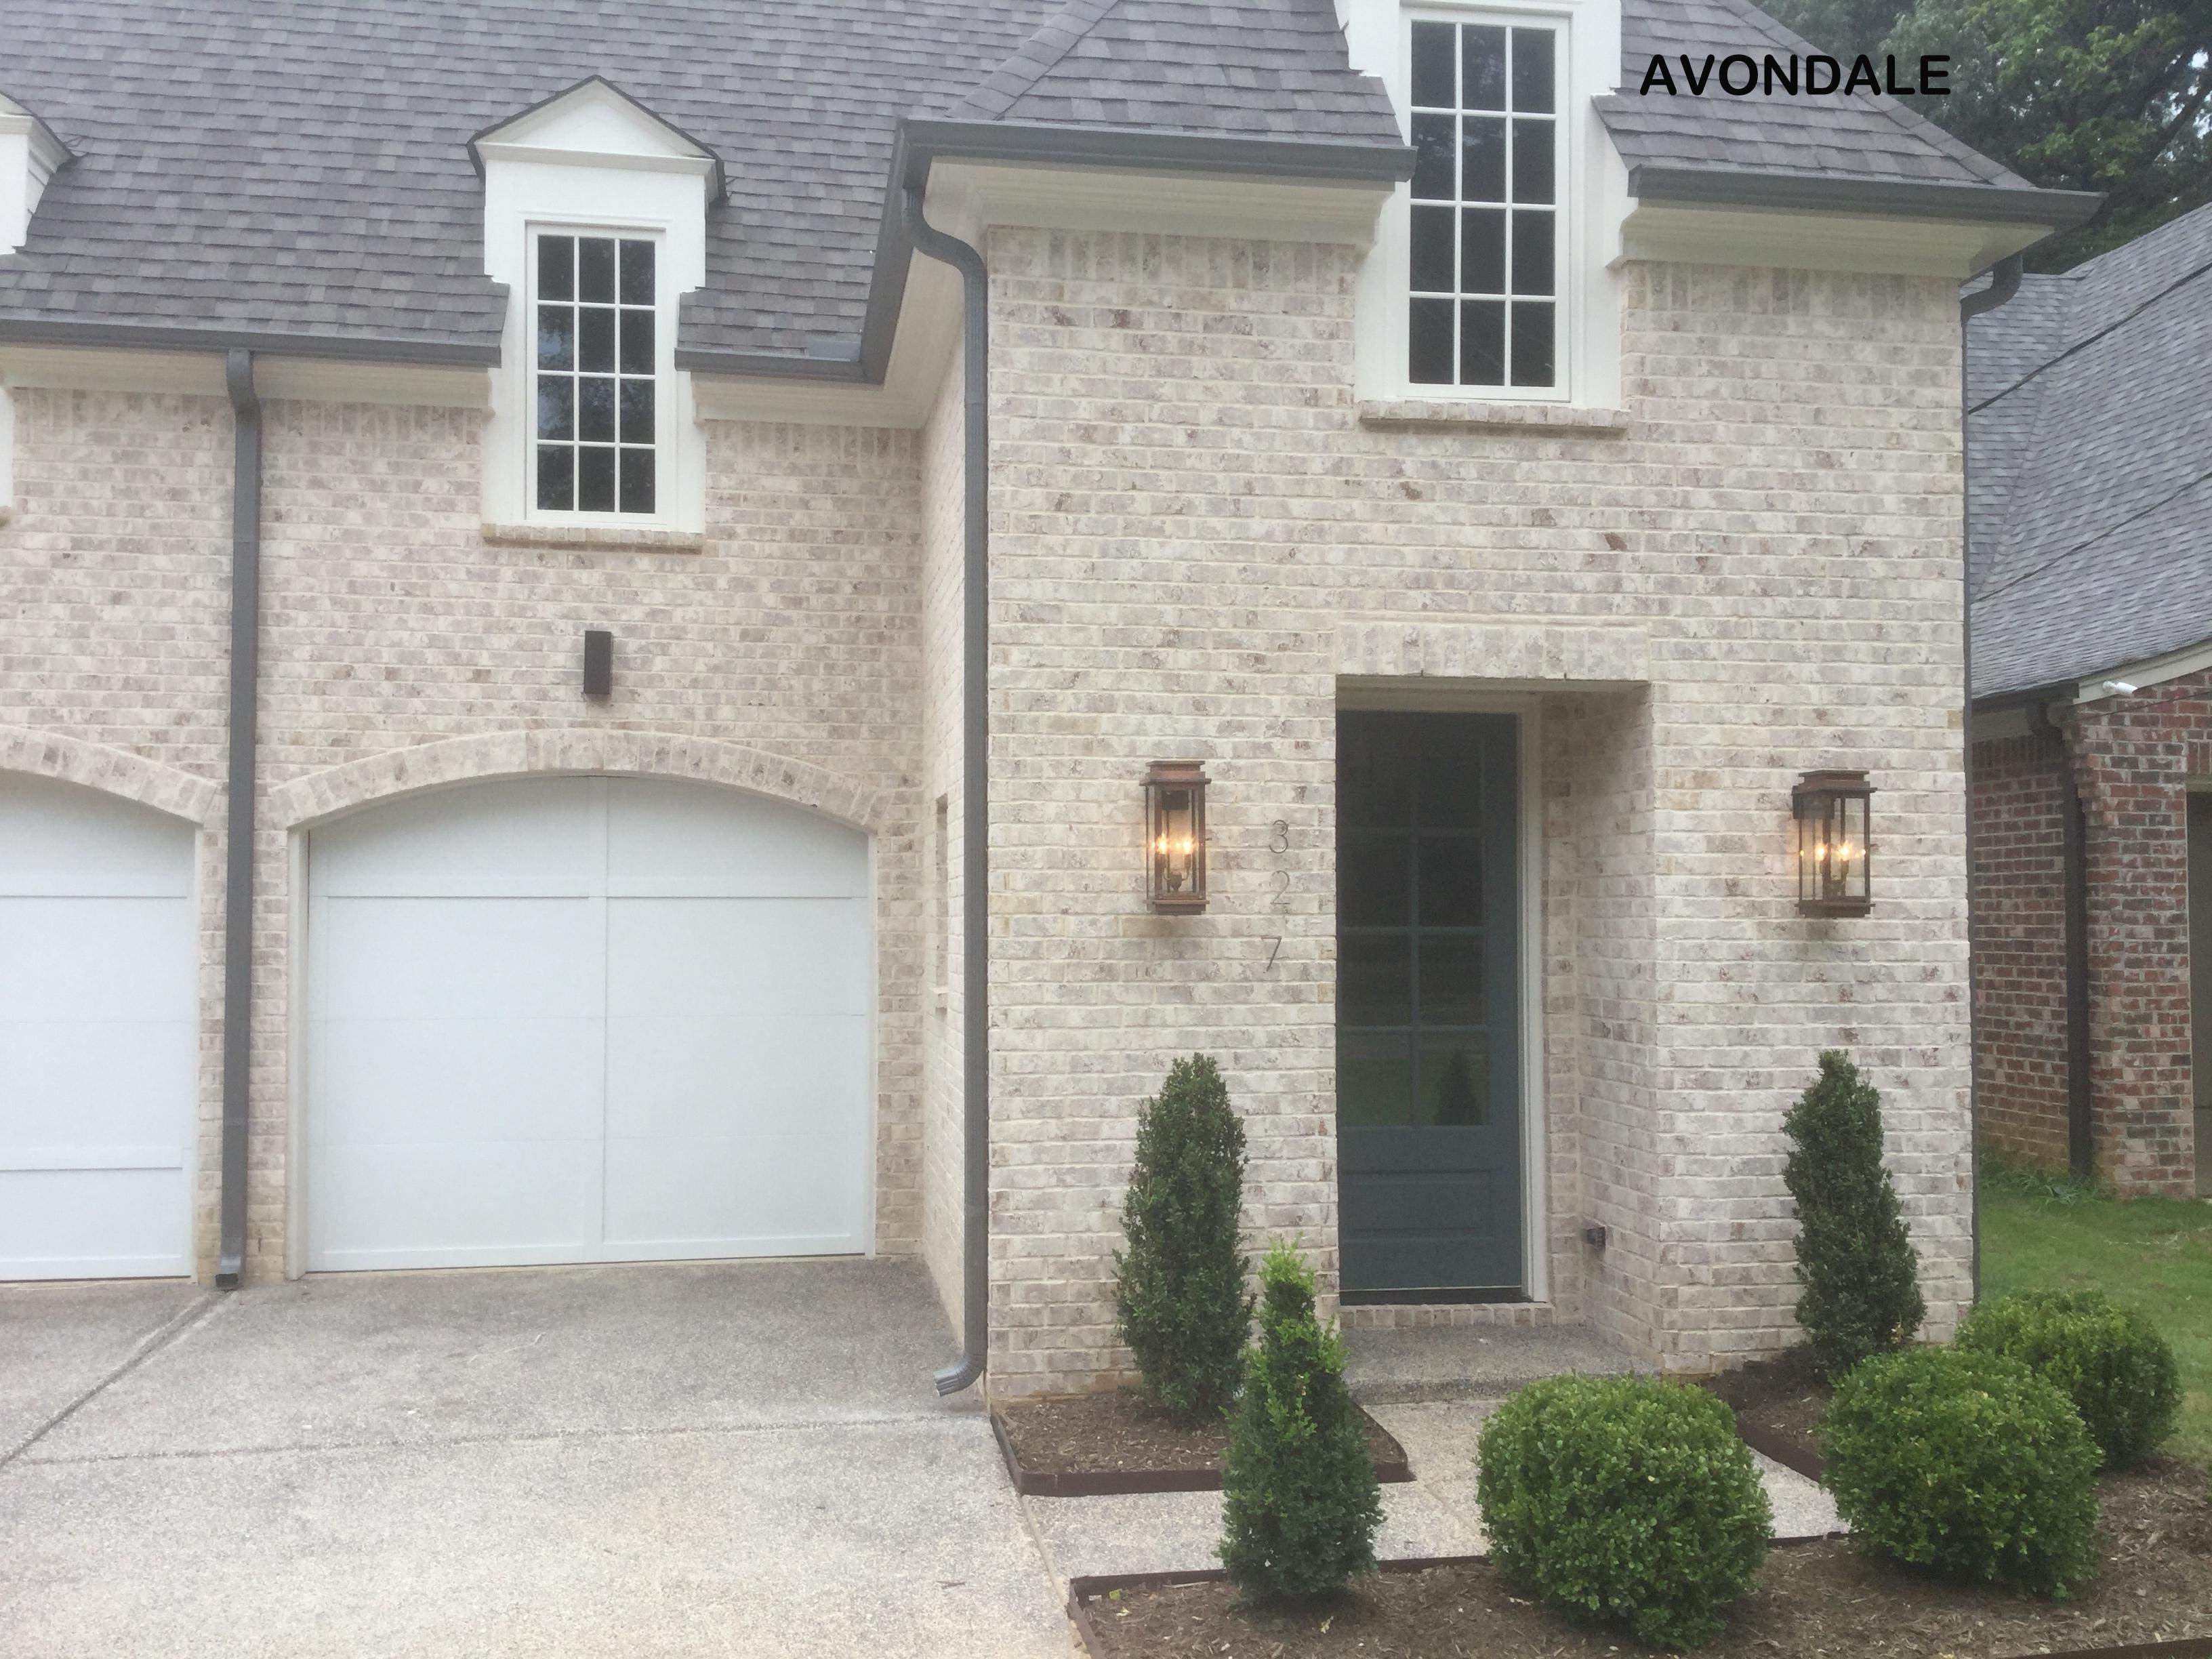 Avondale - Ivory Mortar - Henry